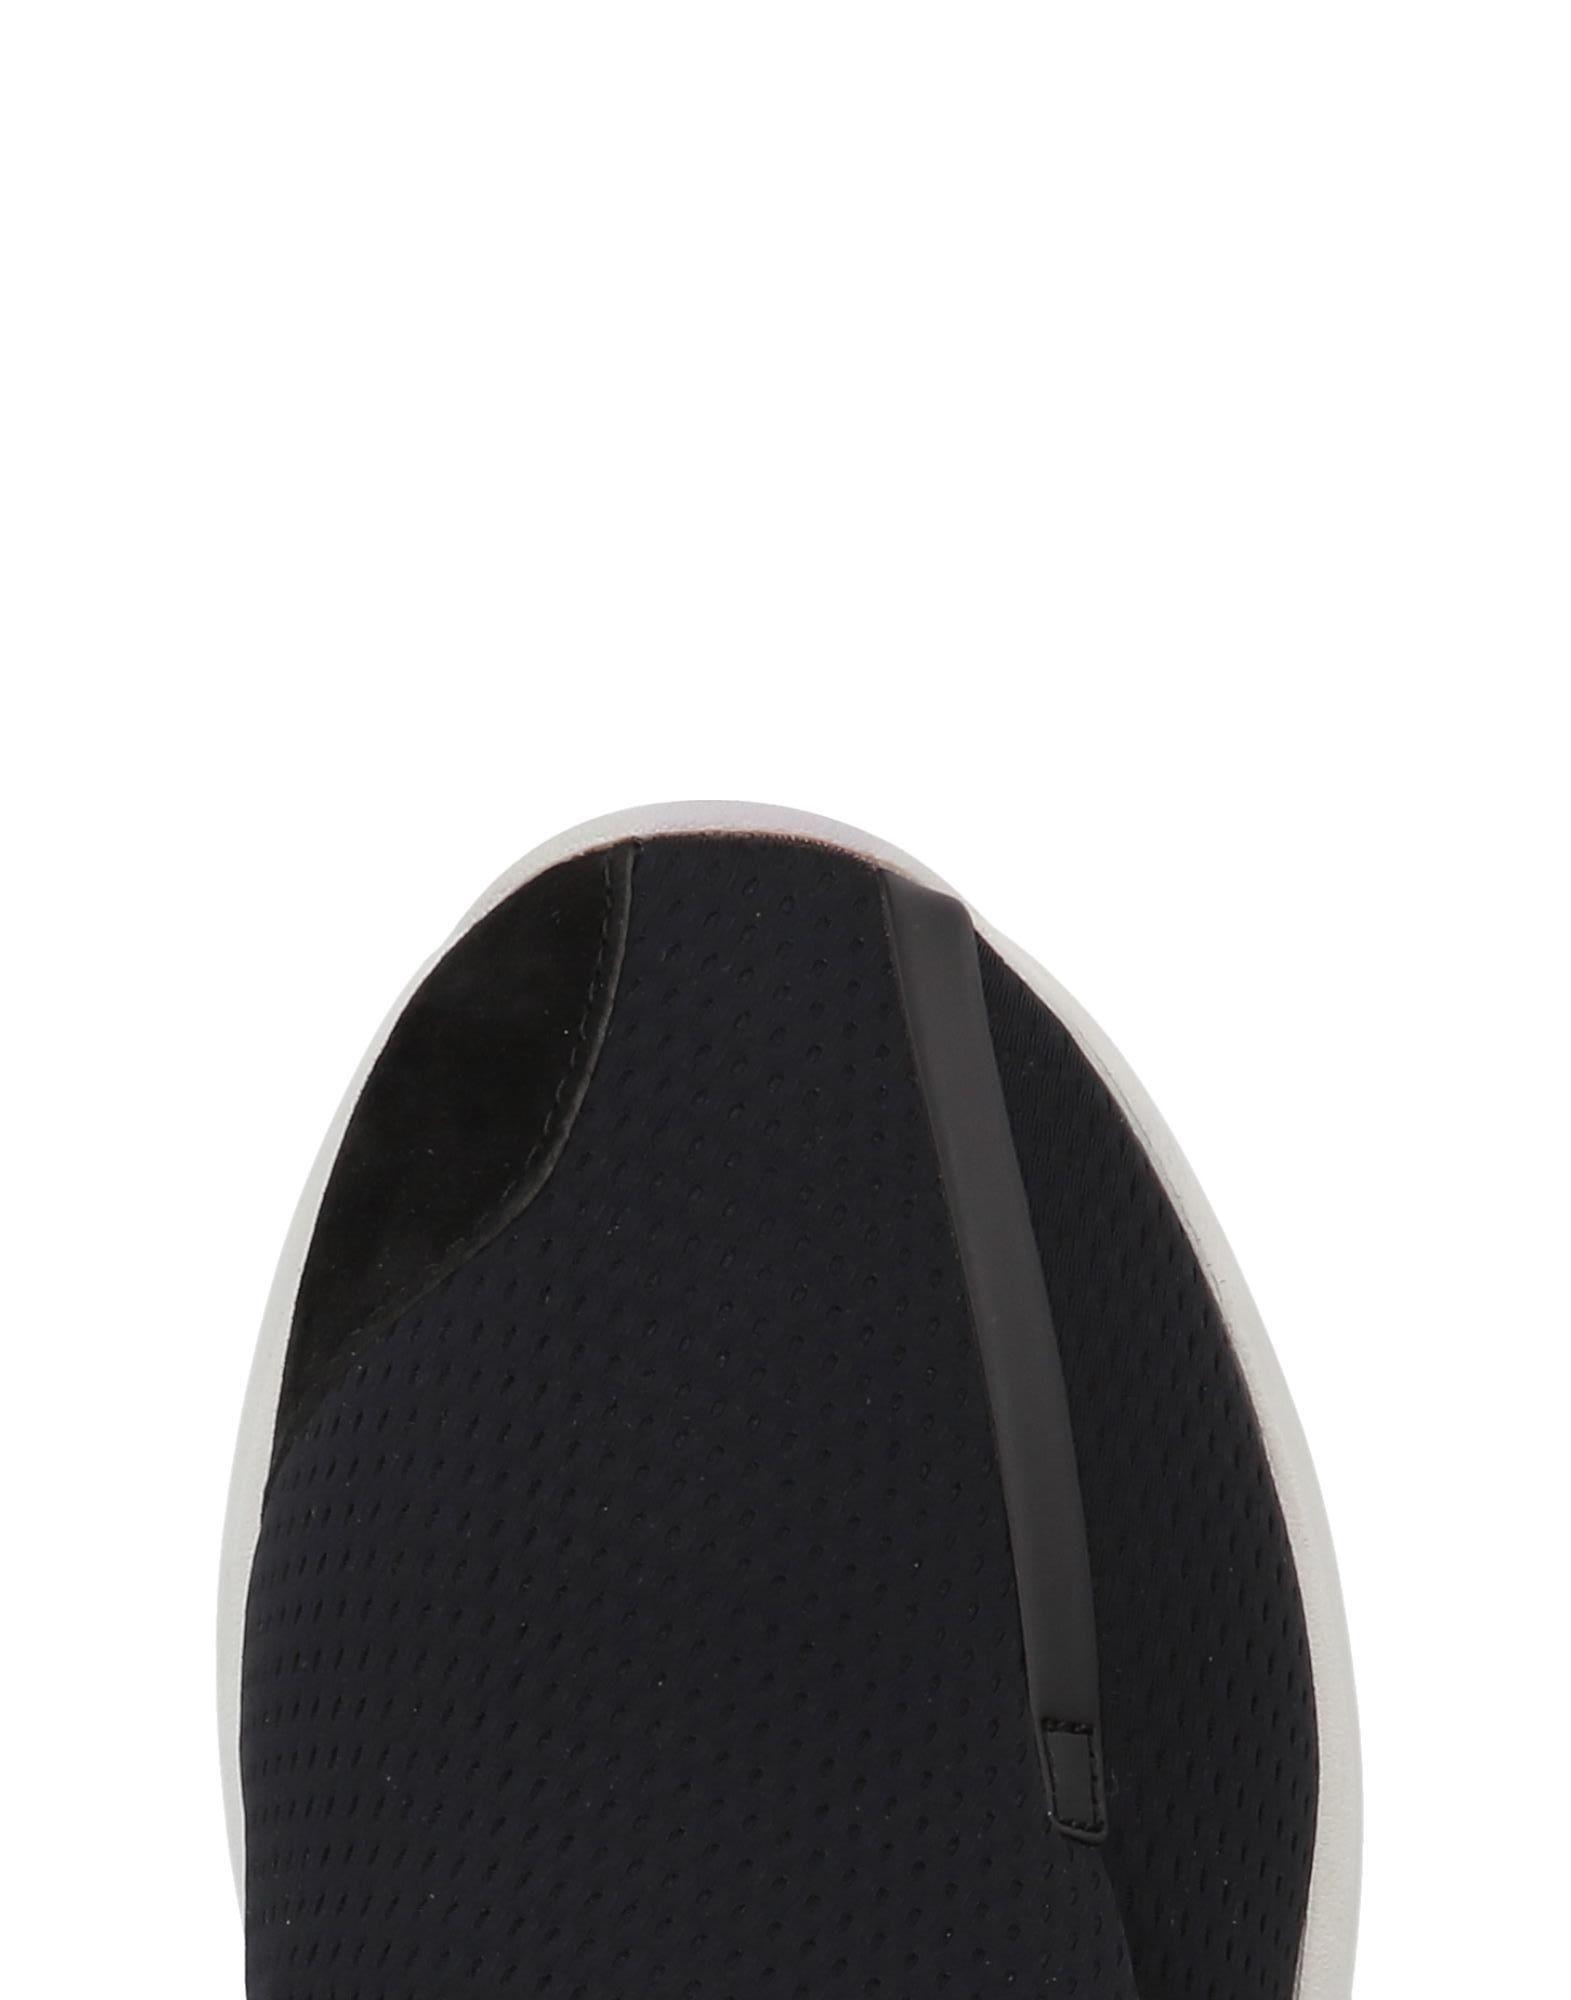 Rabatt echte Schuhe Herren Casbia Sneakers Herren Schuhe  11452953XV 8710be